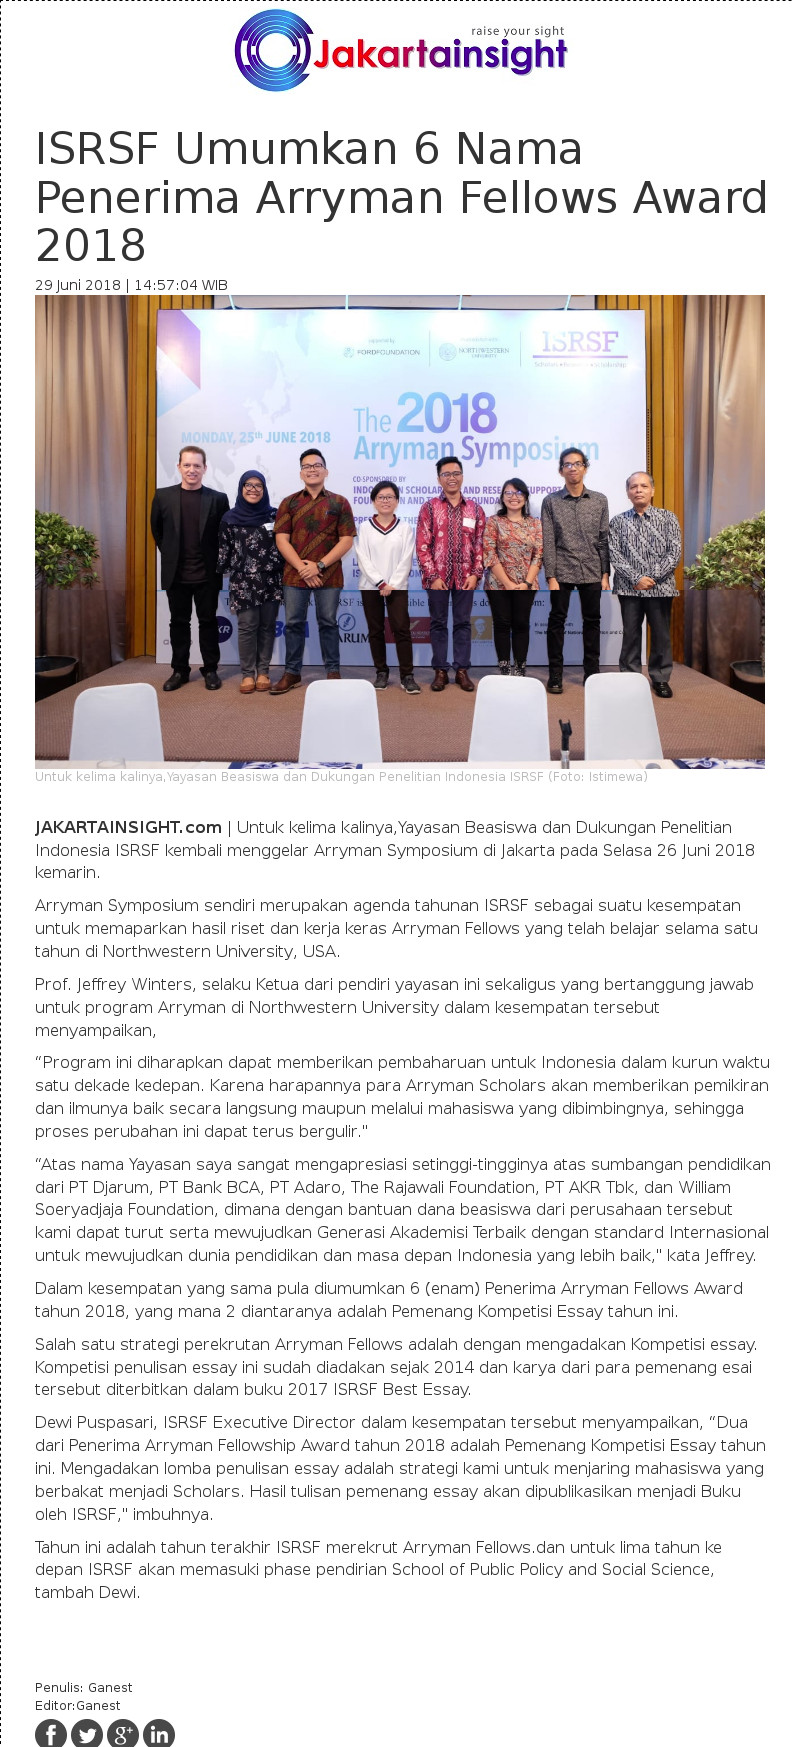 ISRSF Umumkan 6 Nama Penerima Arryman Fellows Award 2018